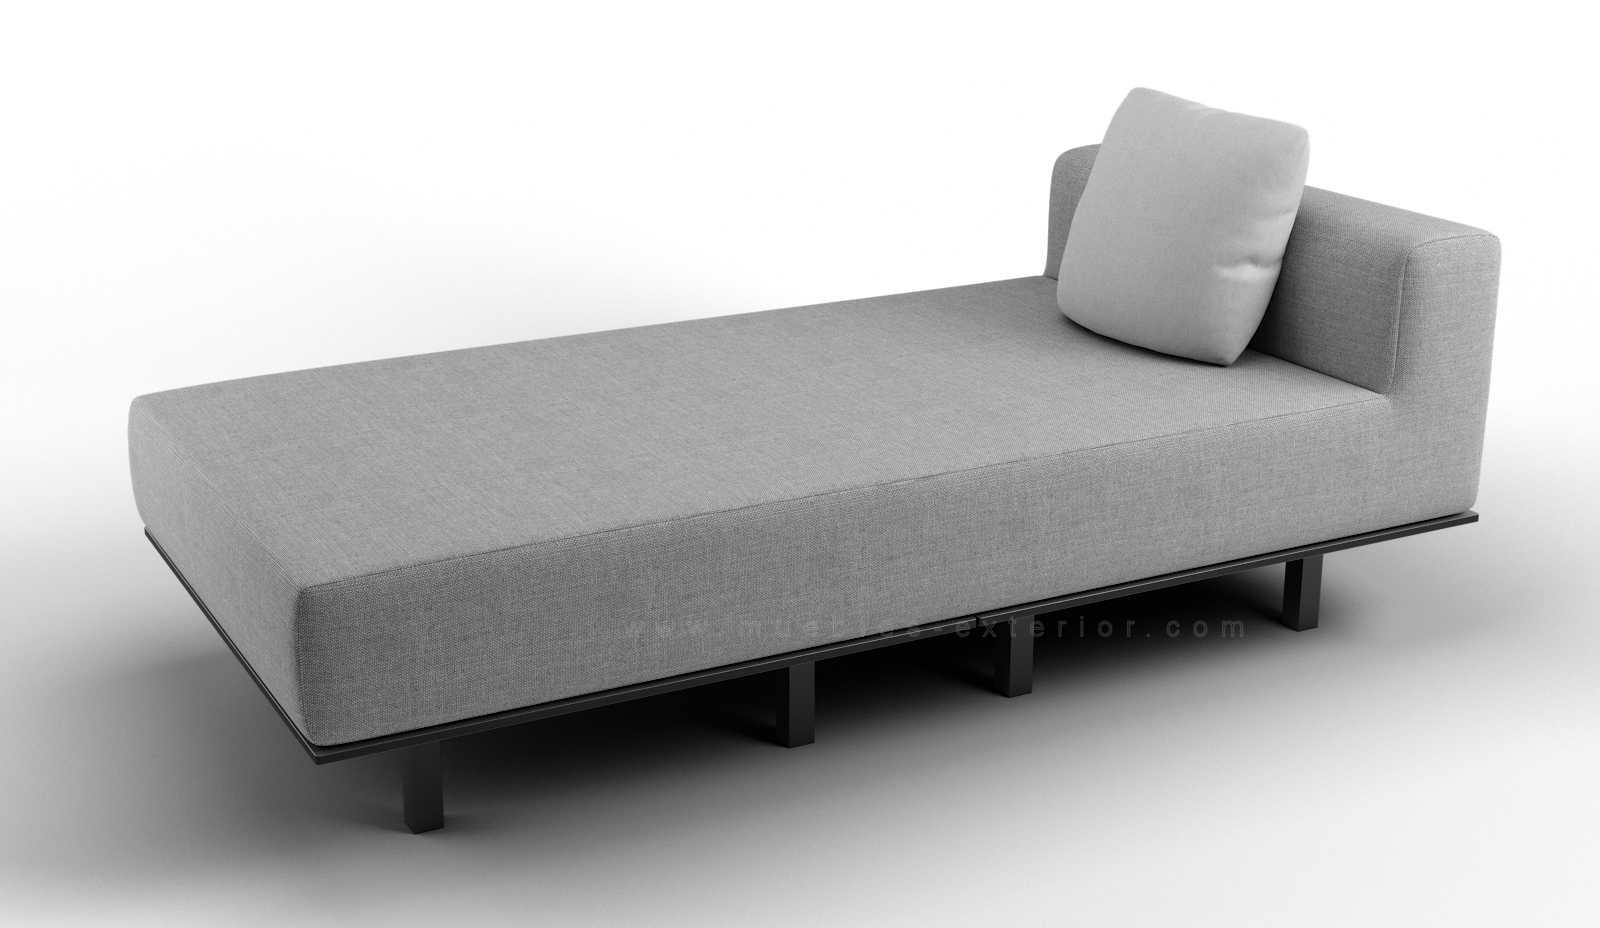 Cojines para chaise longue interesting muebles de sala - Arcon exterior ikea ...